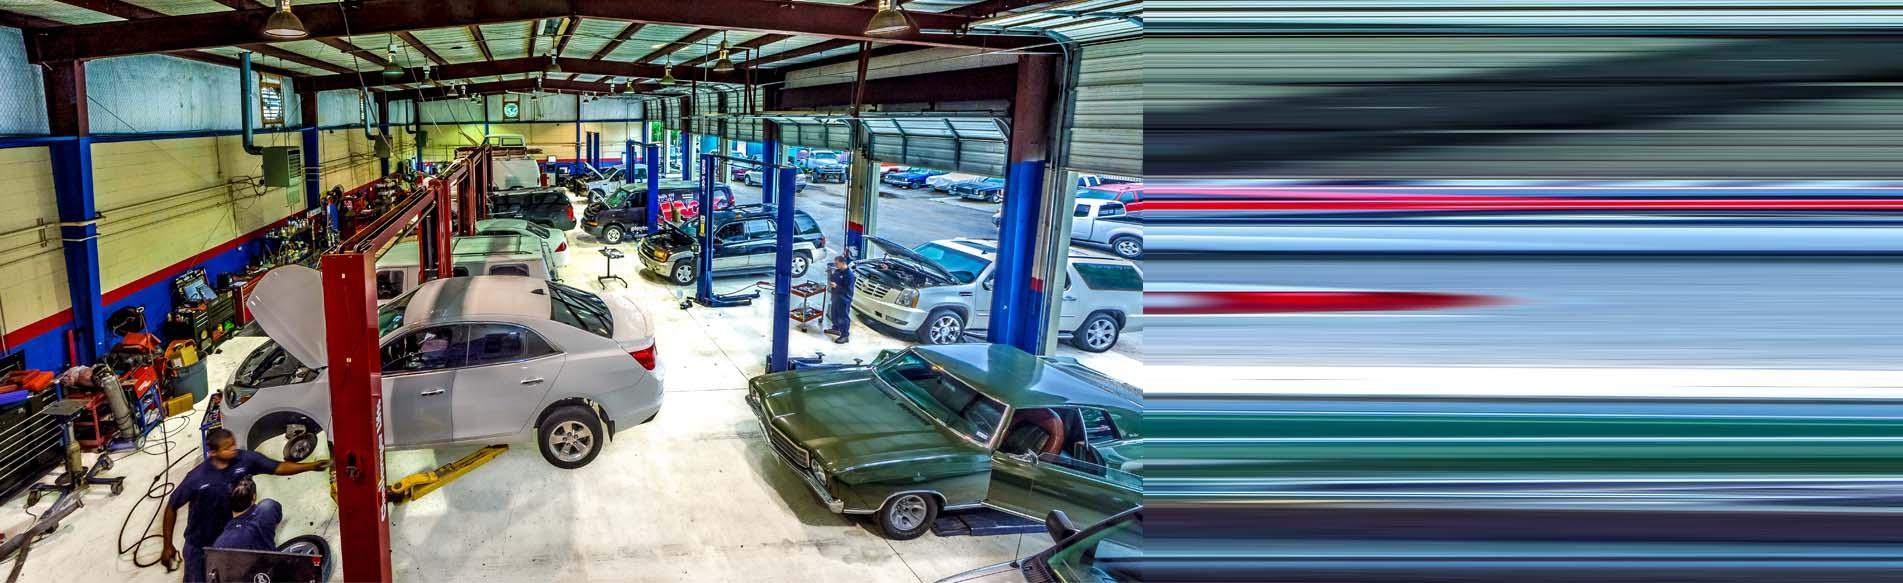 We Offer Auto Repair in the San Antonio 78251 Area